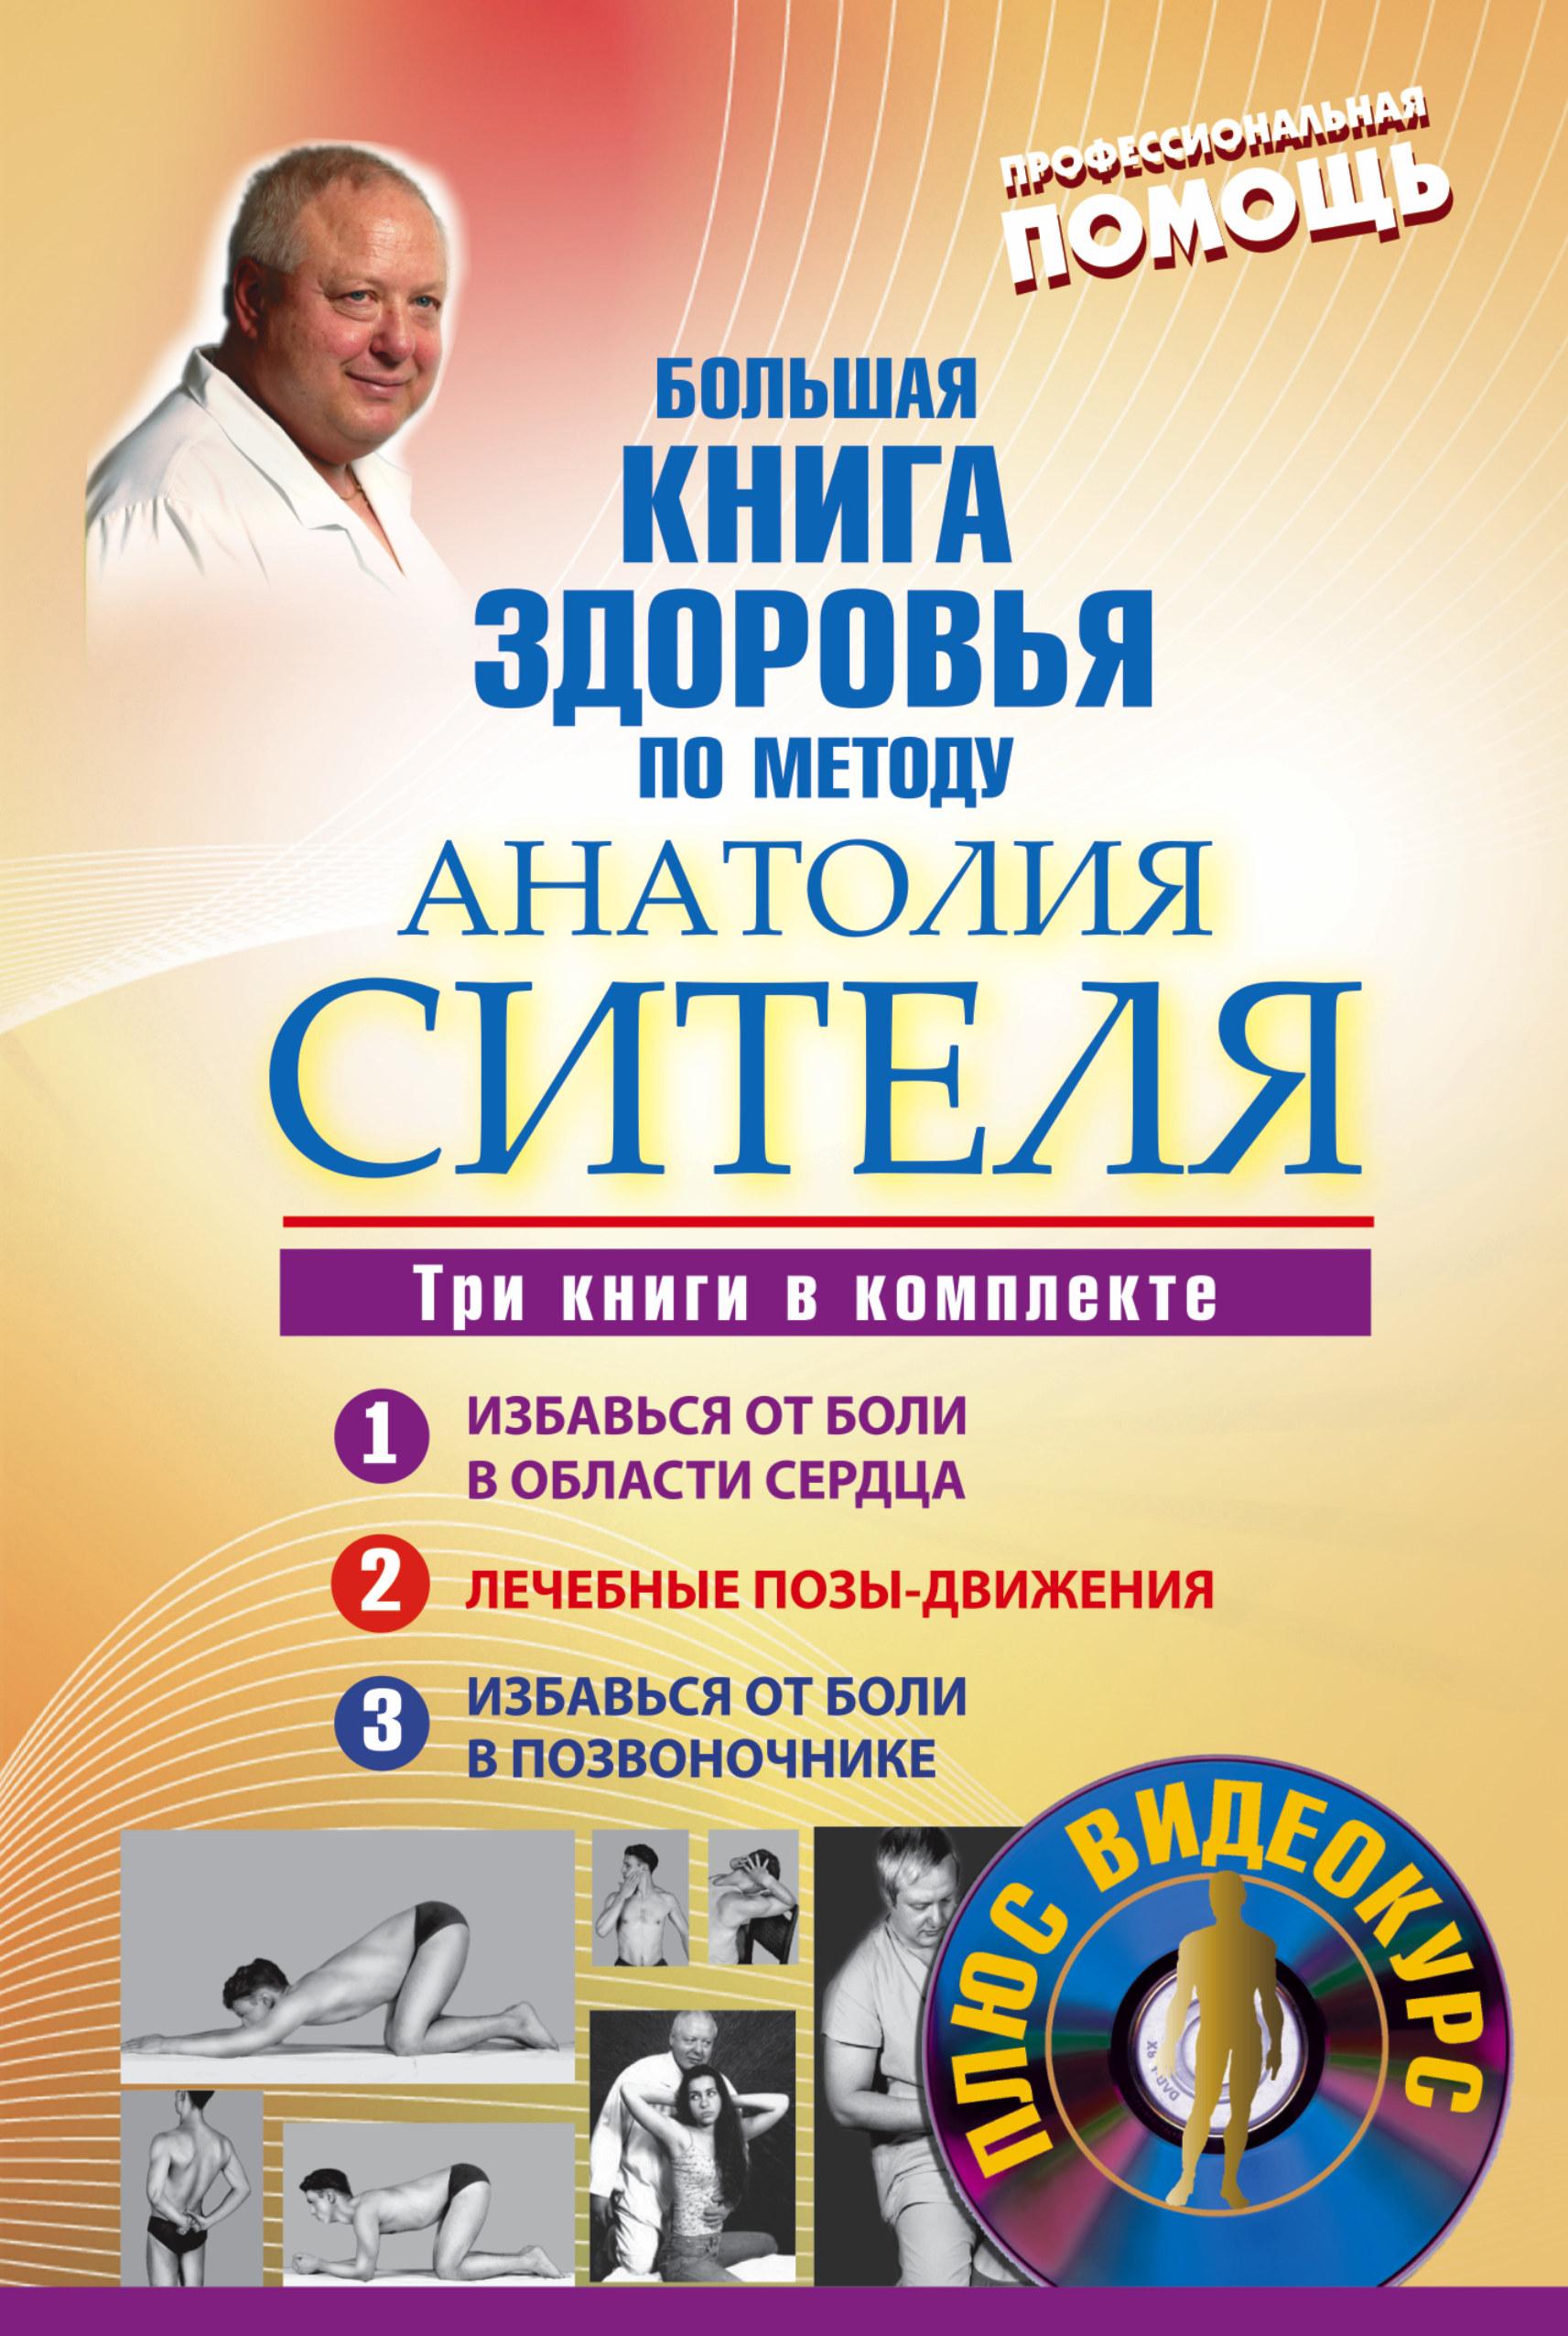 Большая книга здоровья по методу Анатолия Сителя. Три книги в комплекте + DVD